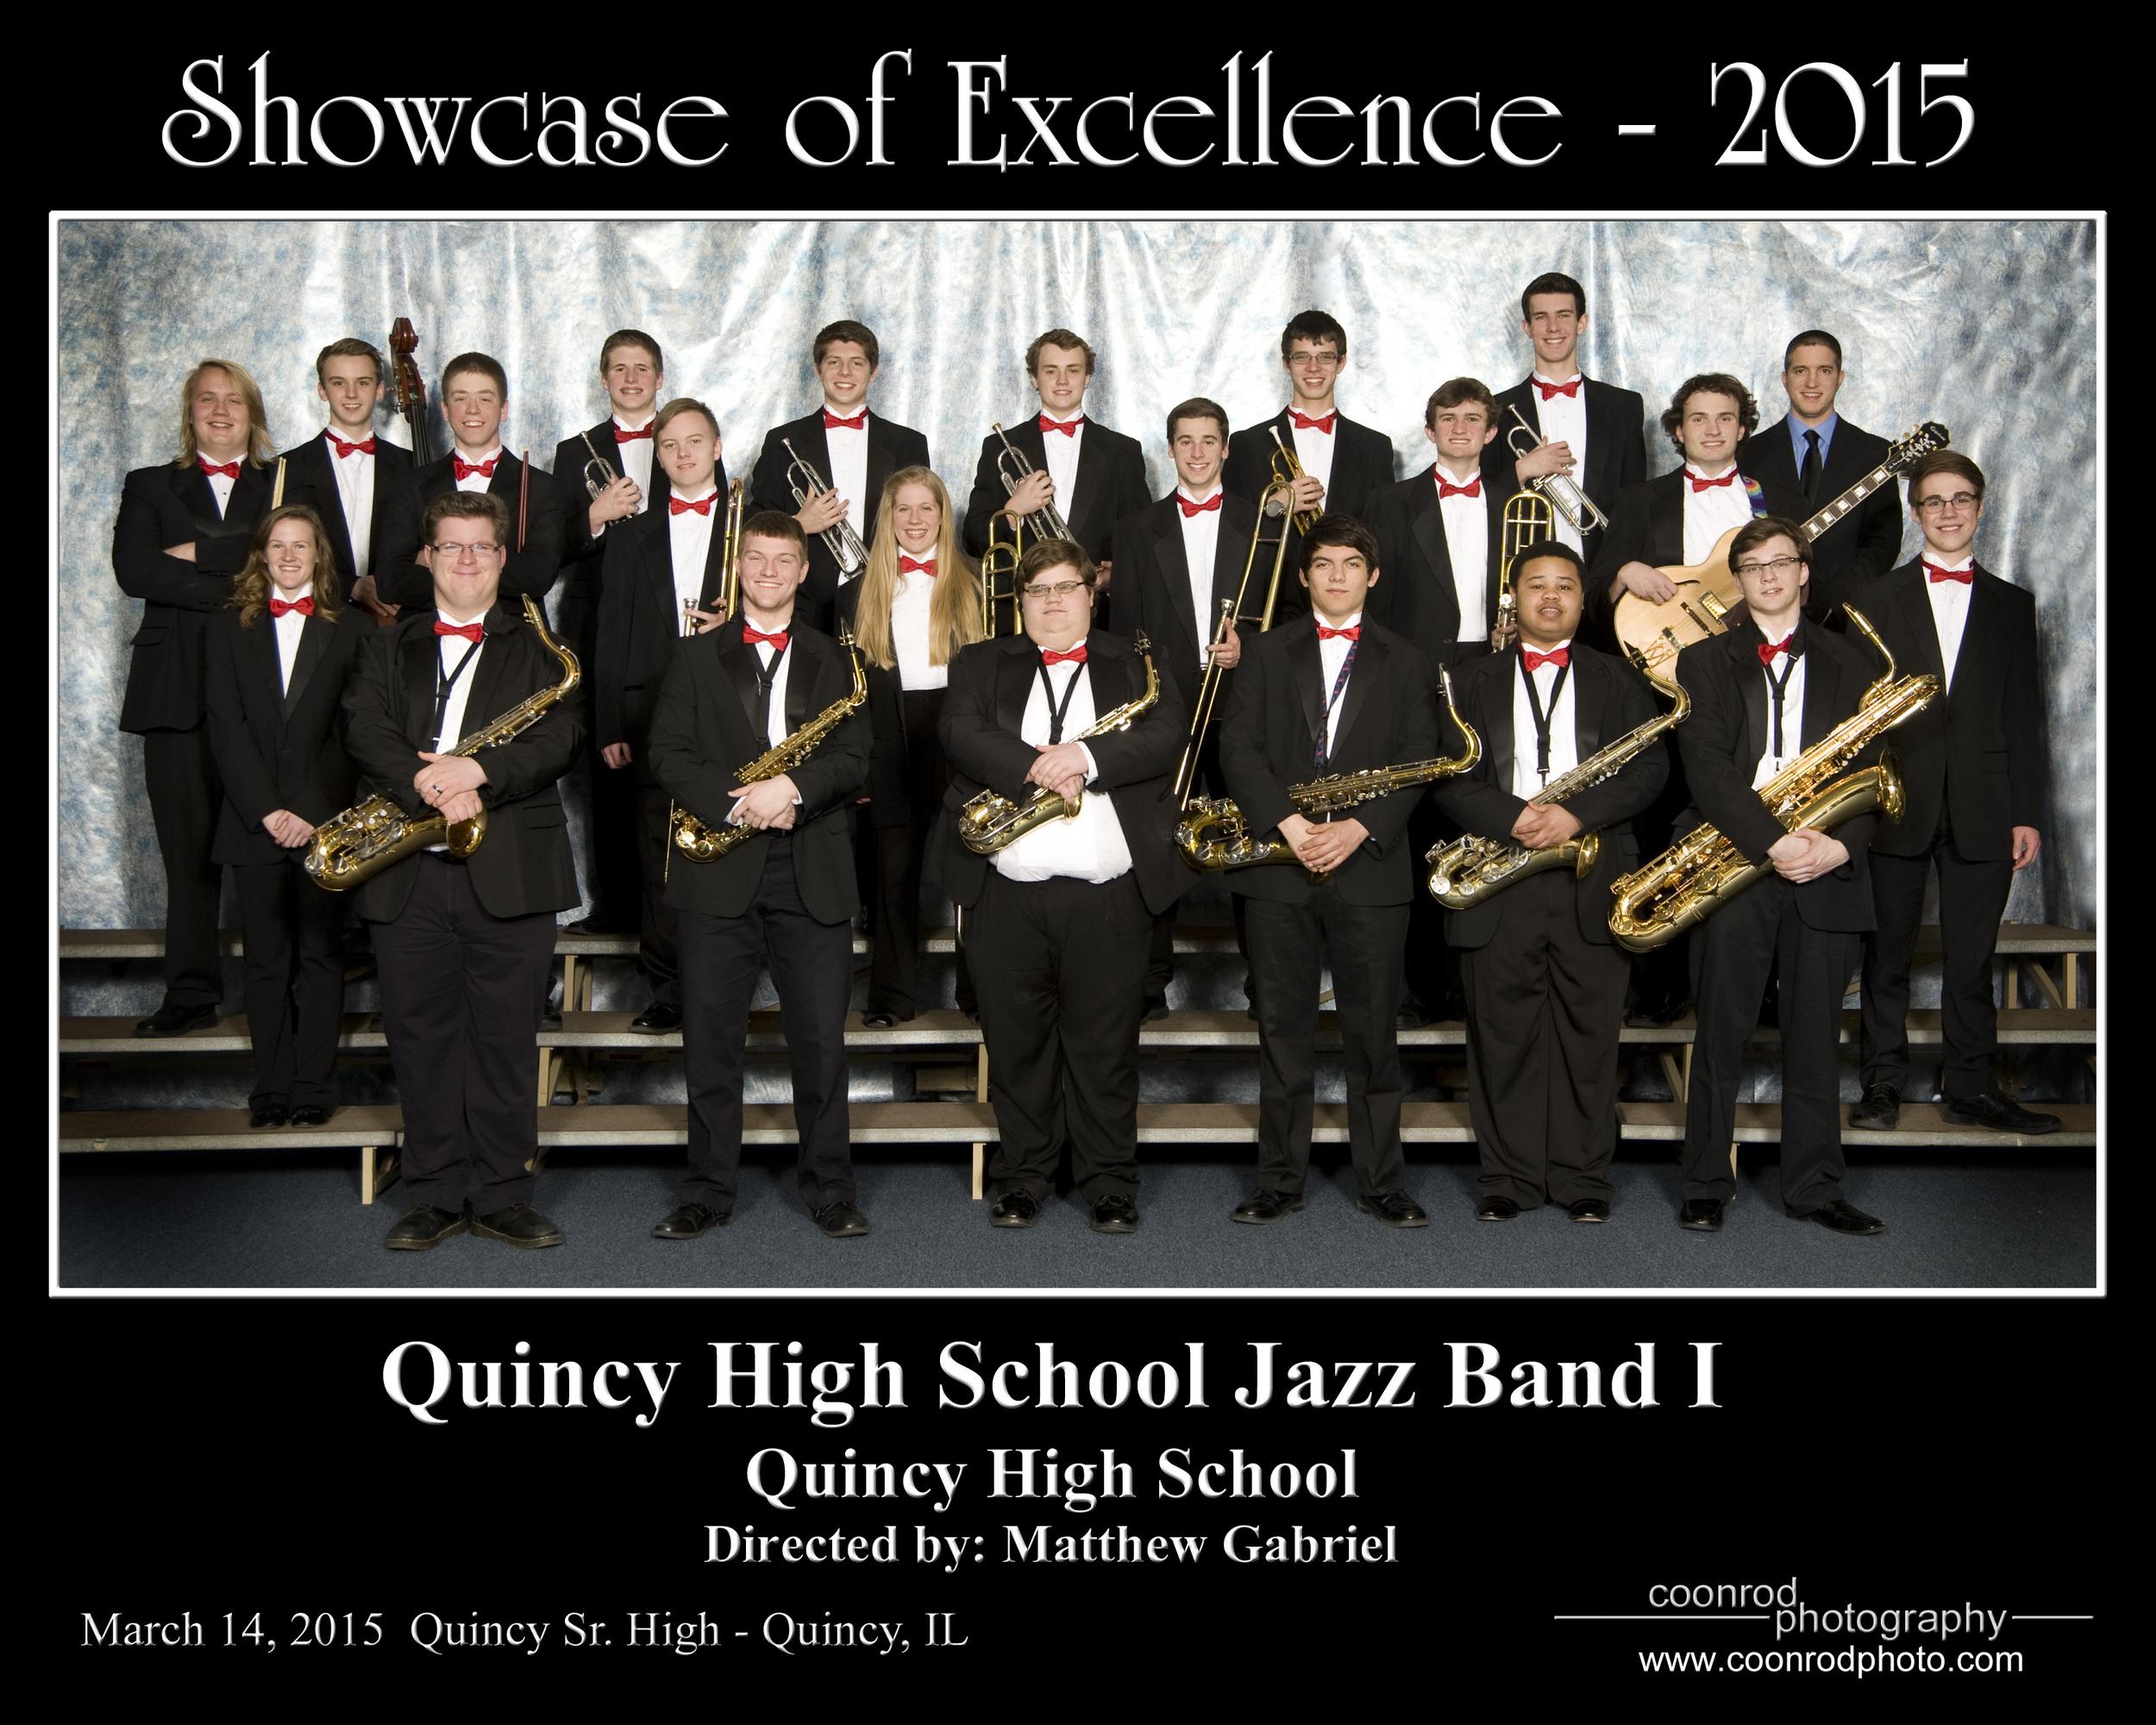 00 QHS Jazz band I.jpg